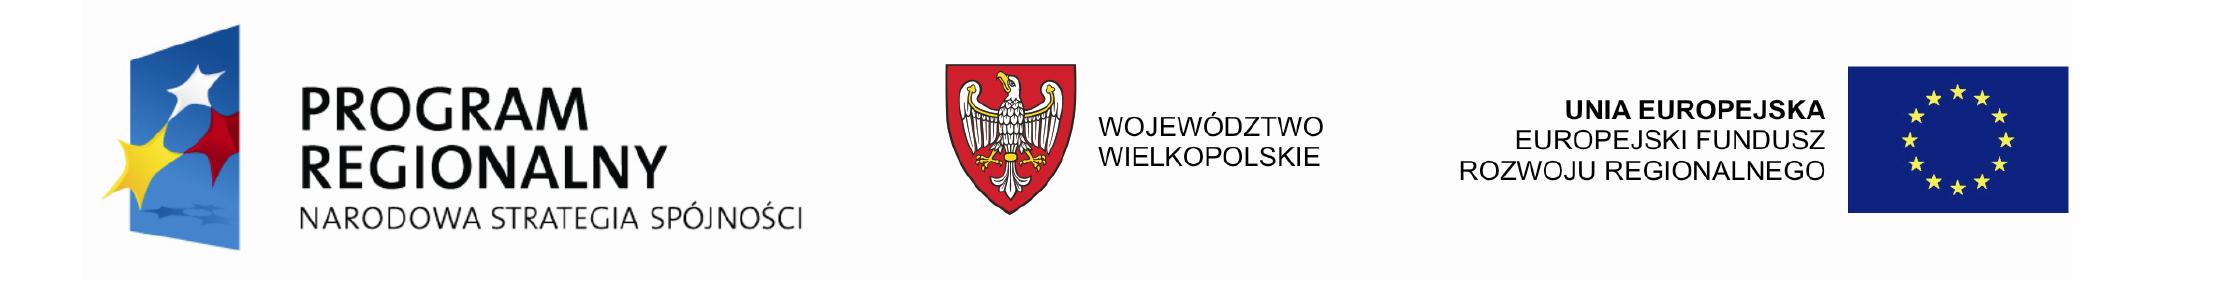 Logotypy projektu unijnego